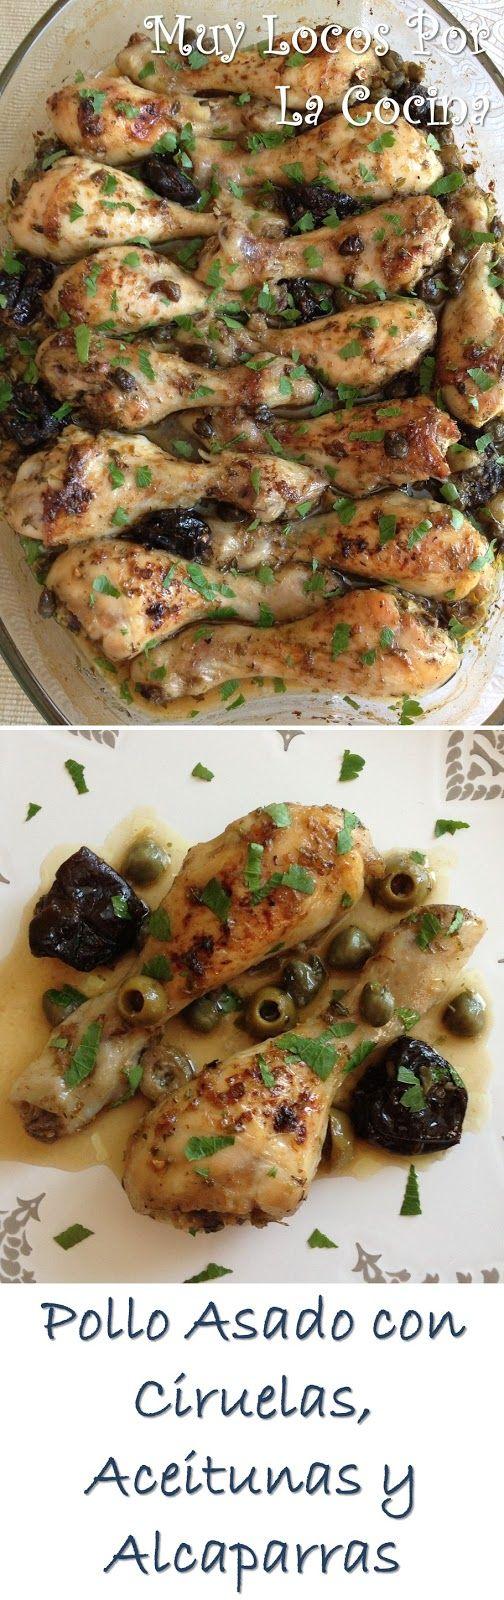 Twittear Esta es una receta de pollo que se marina en una mezcla de especias, hierbas aromáticas, ciruelas, aceitunas y ...